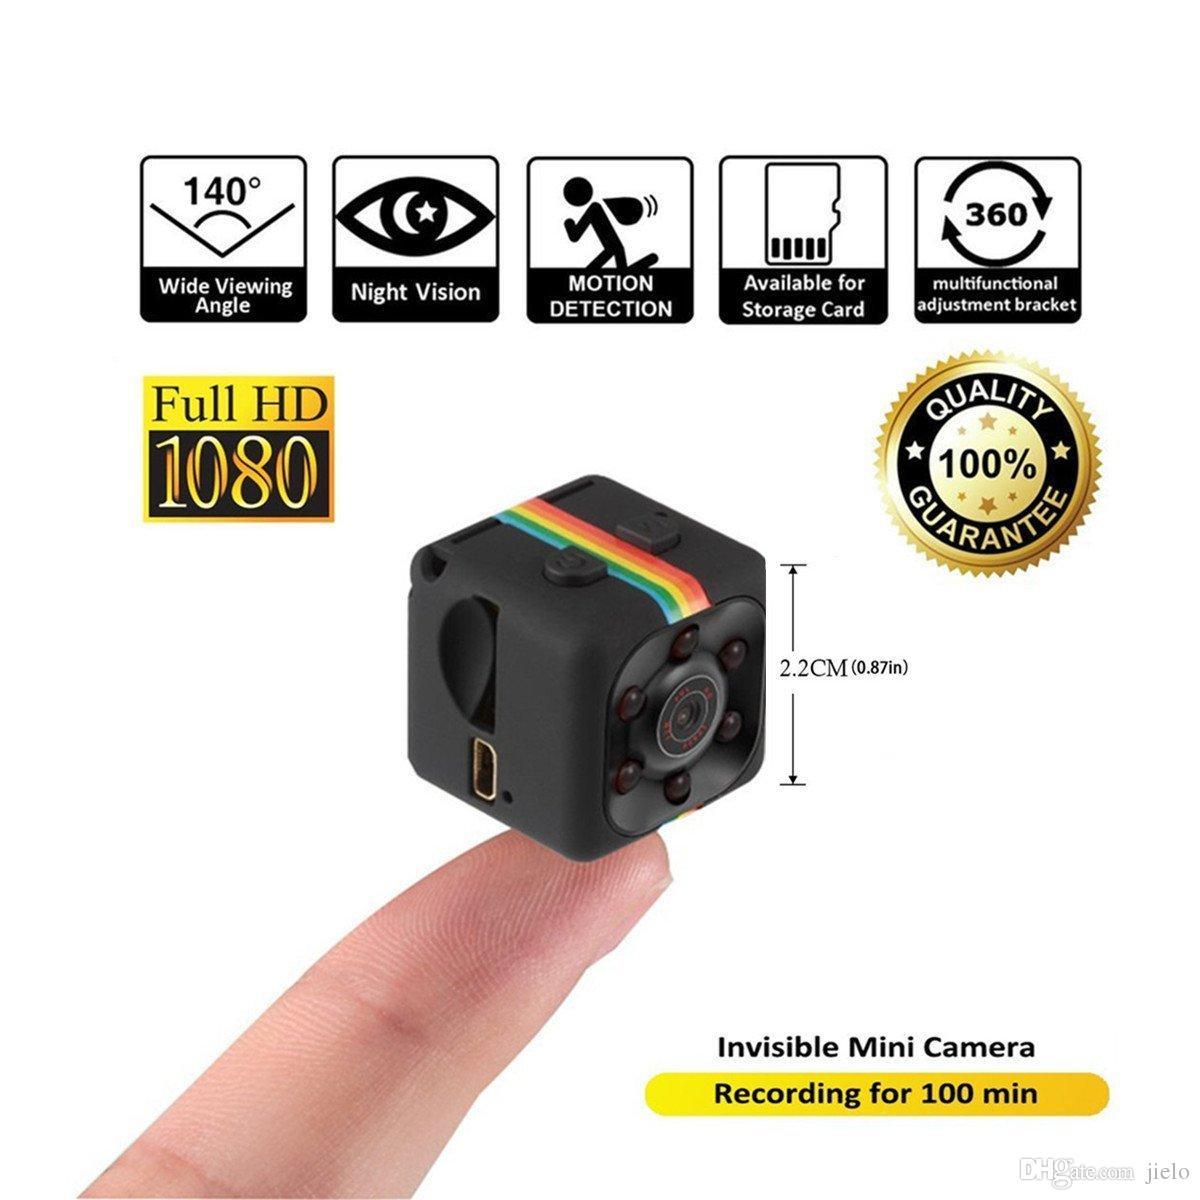 Мини Экшн Камера Sport DV 1080P Мини Инфракрасный Монитор Ночного Видения Скрытая маленькая Камера SQ 11 маленькая камера DV Видеорегистратор